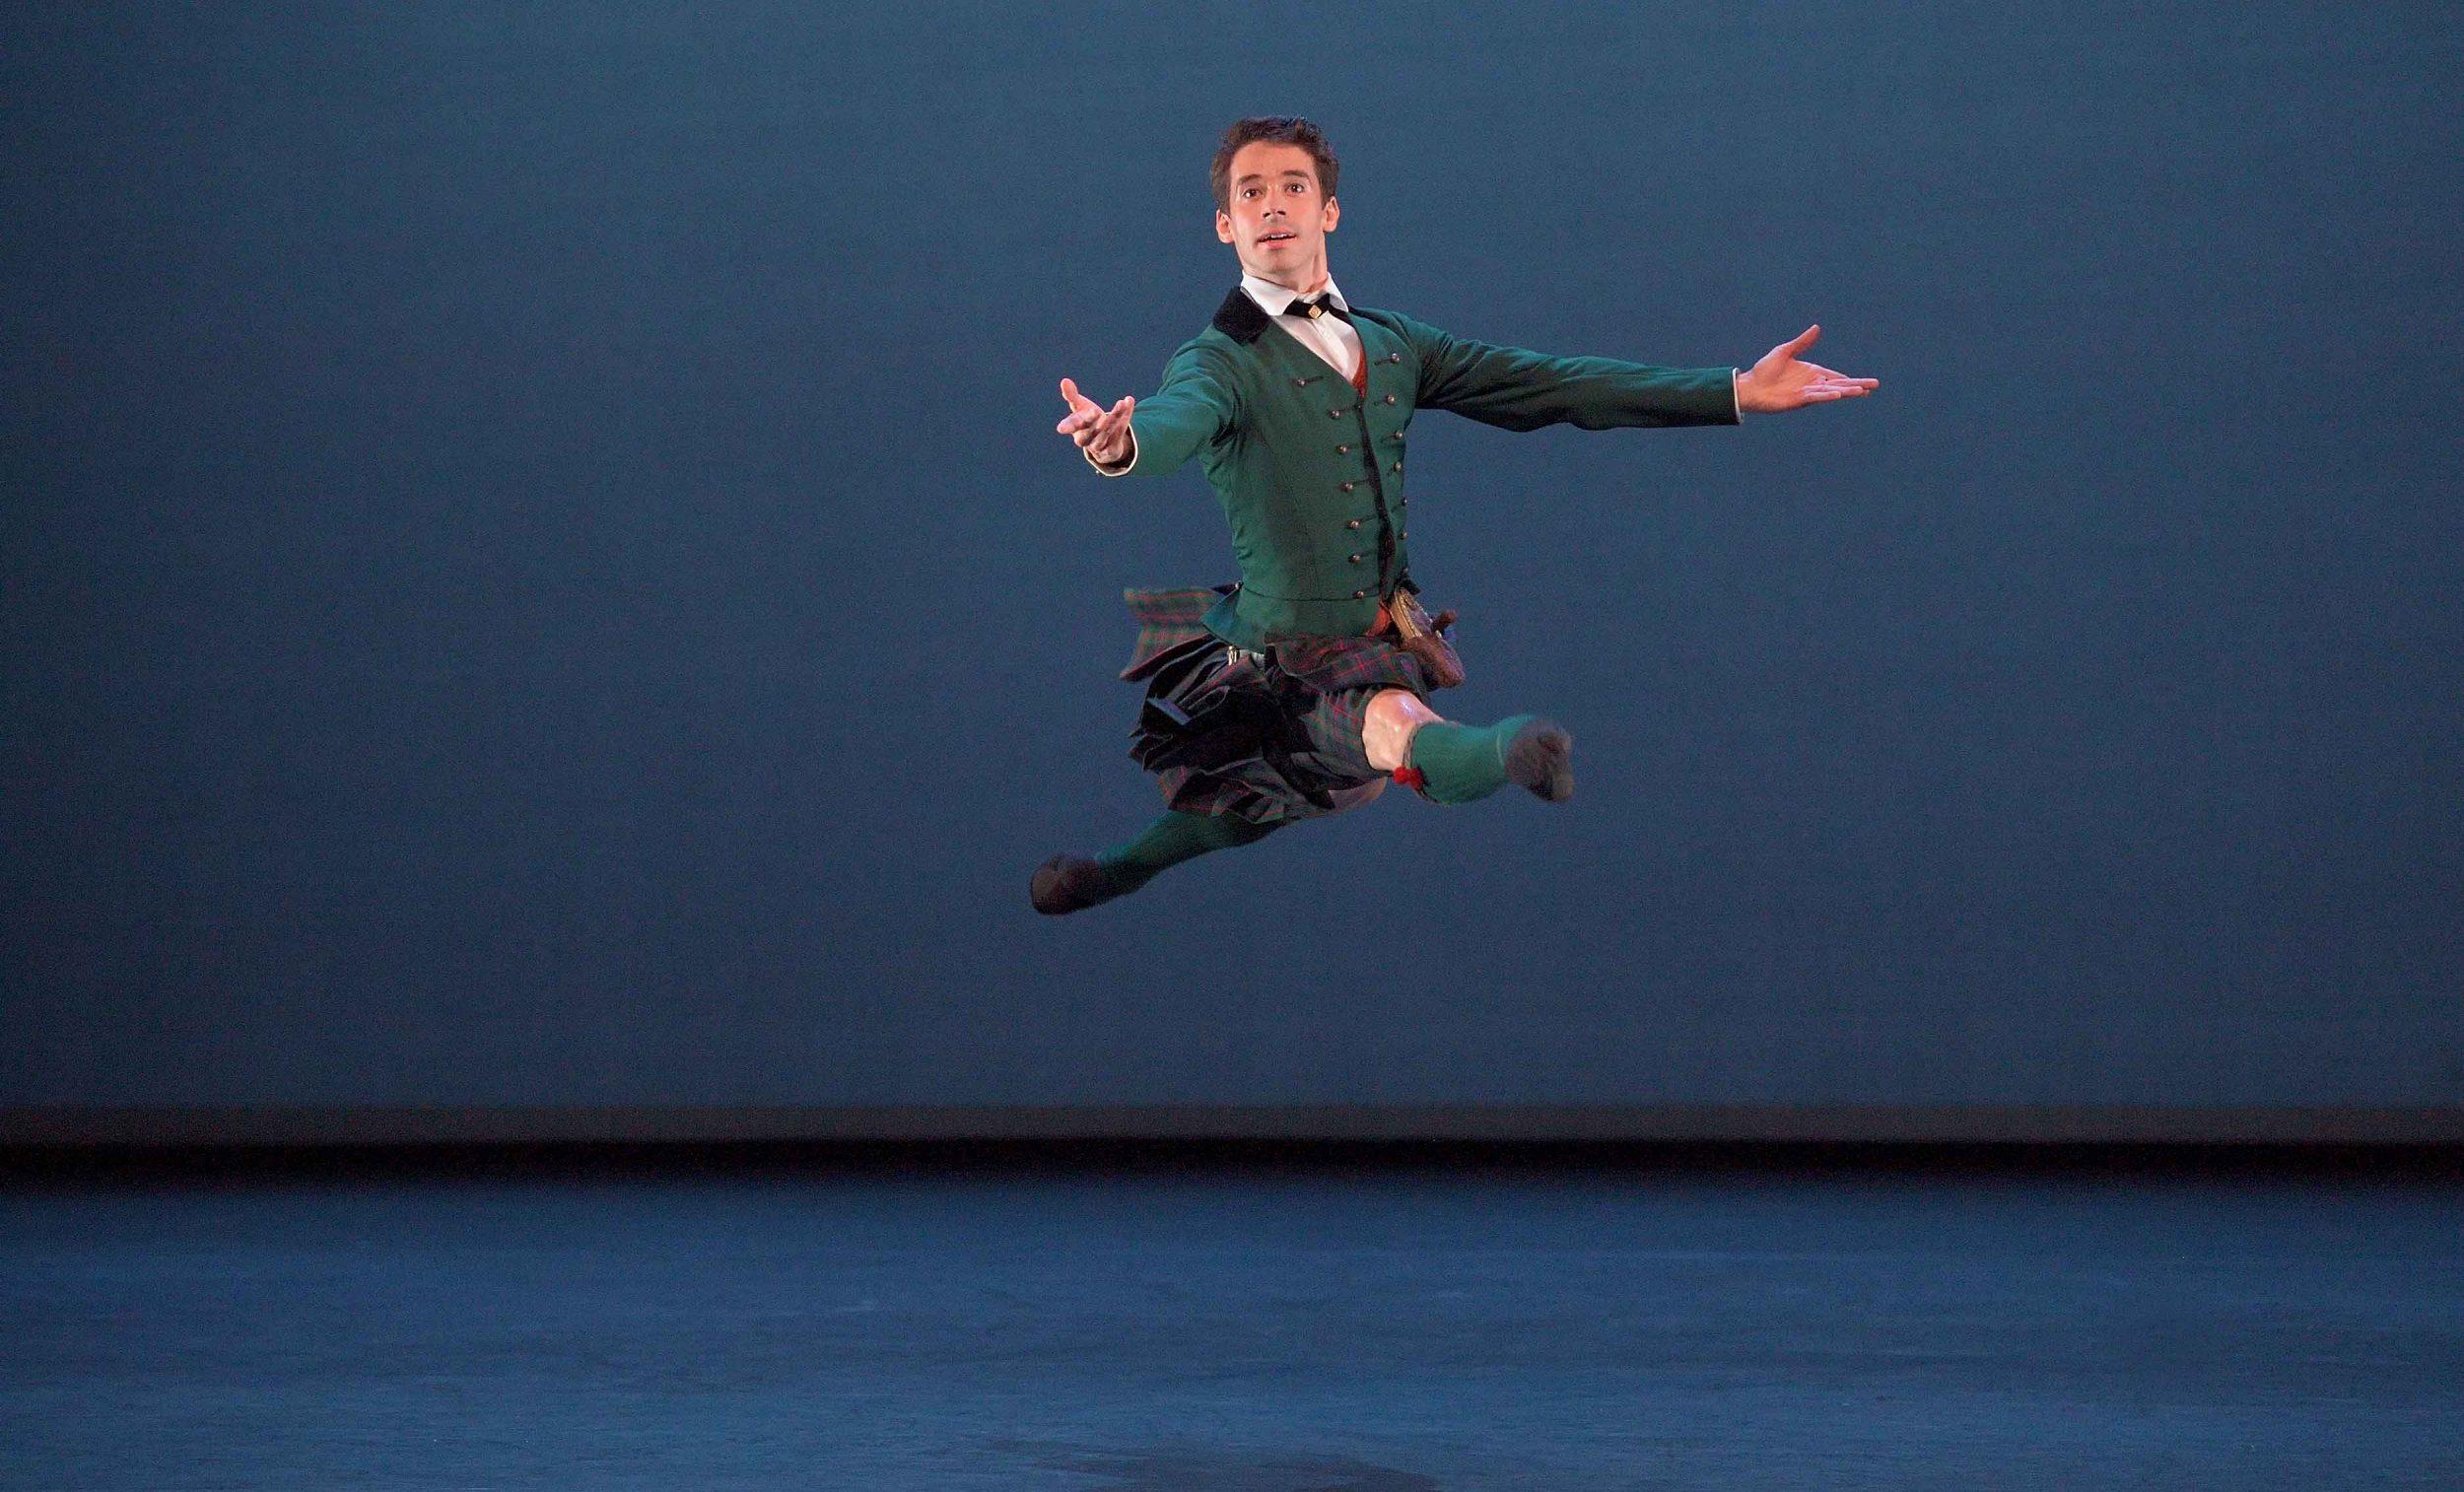 Guilherme-Menezes-performing-La-Sylphide-pas-de-duex-©-Laurent-Liotardo